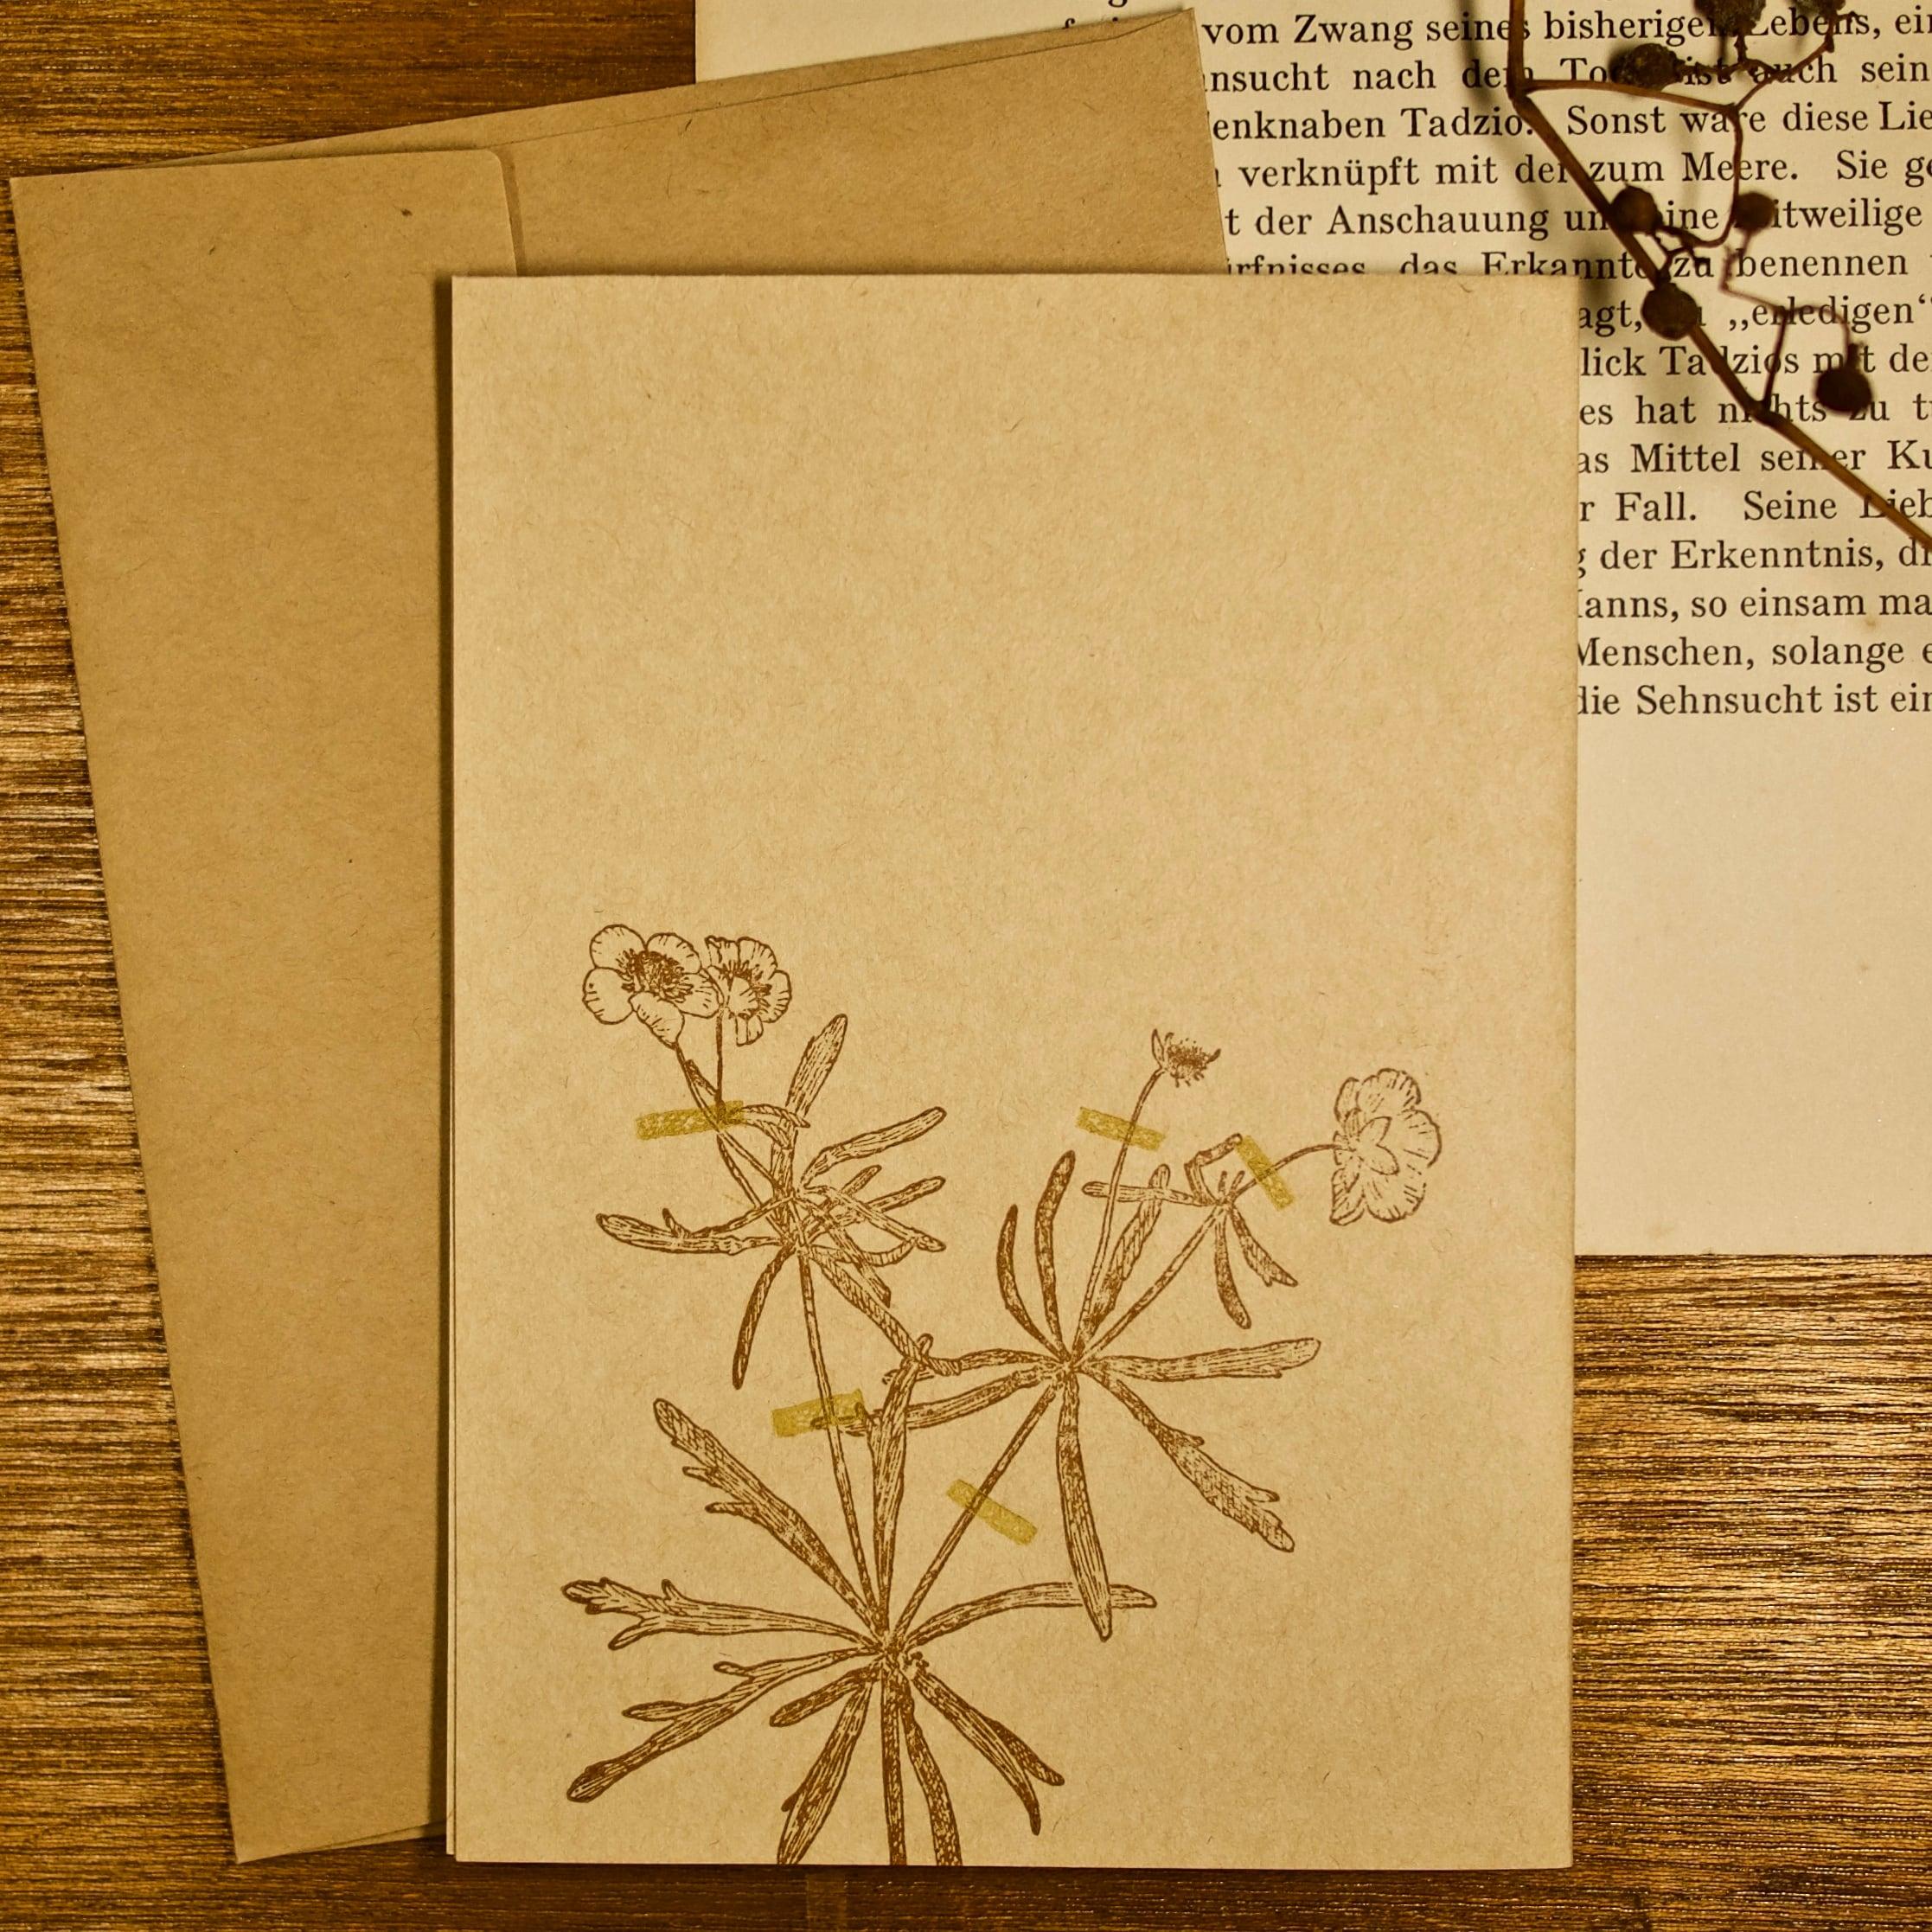 【カード 大】アンティーク押し花 キンポウゲ / カード1枚+封筒1枚